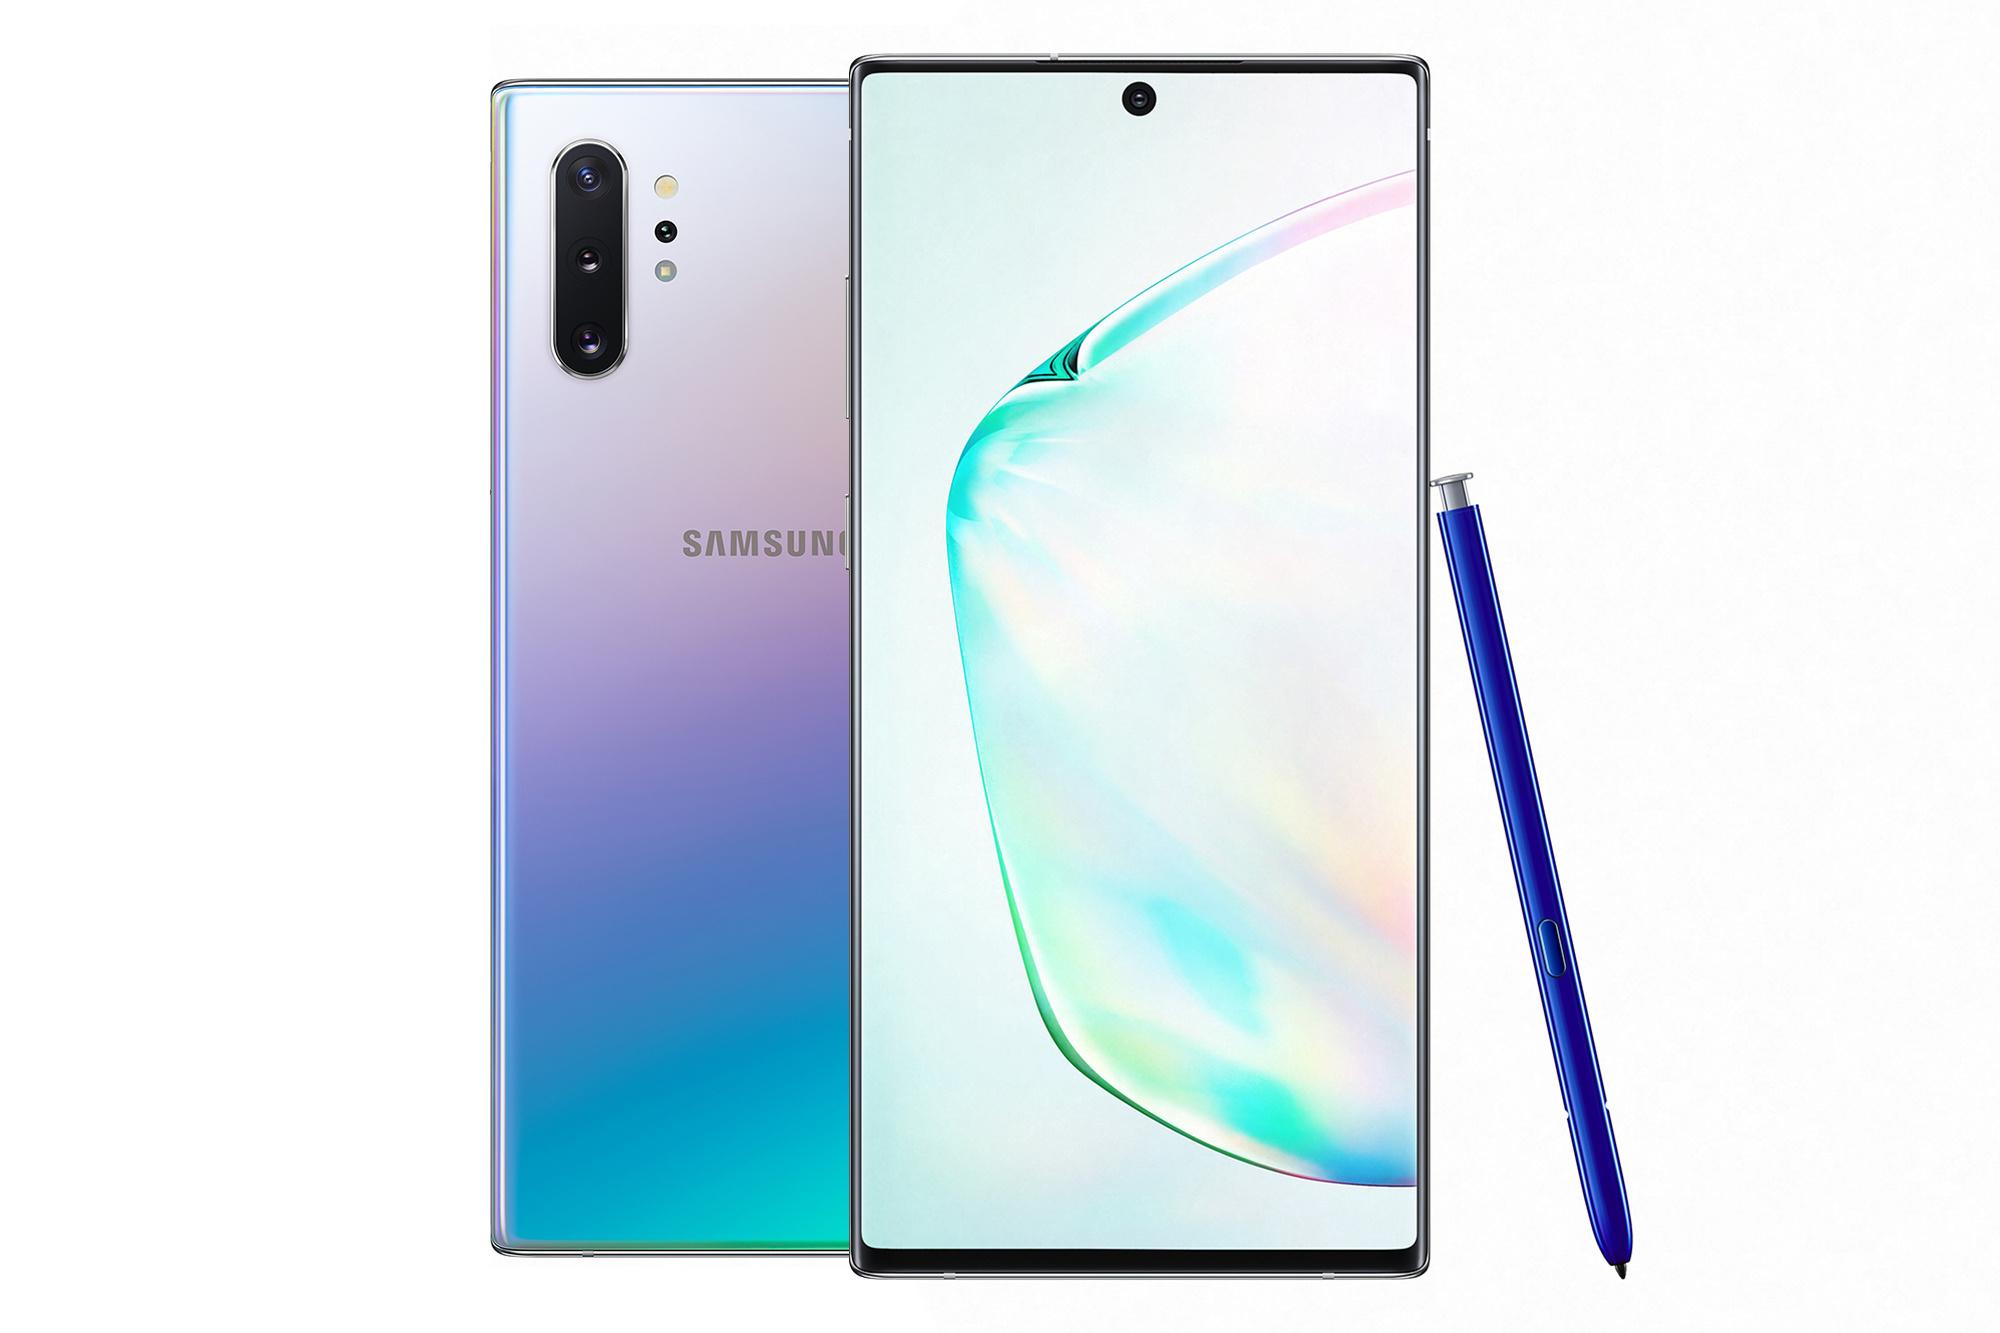 Aura Glow confère à l'appareil une couleur différente selon l'éclairage ambiant., Samsung